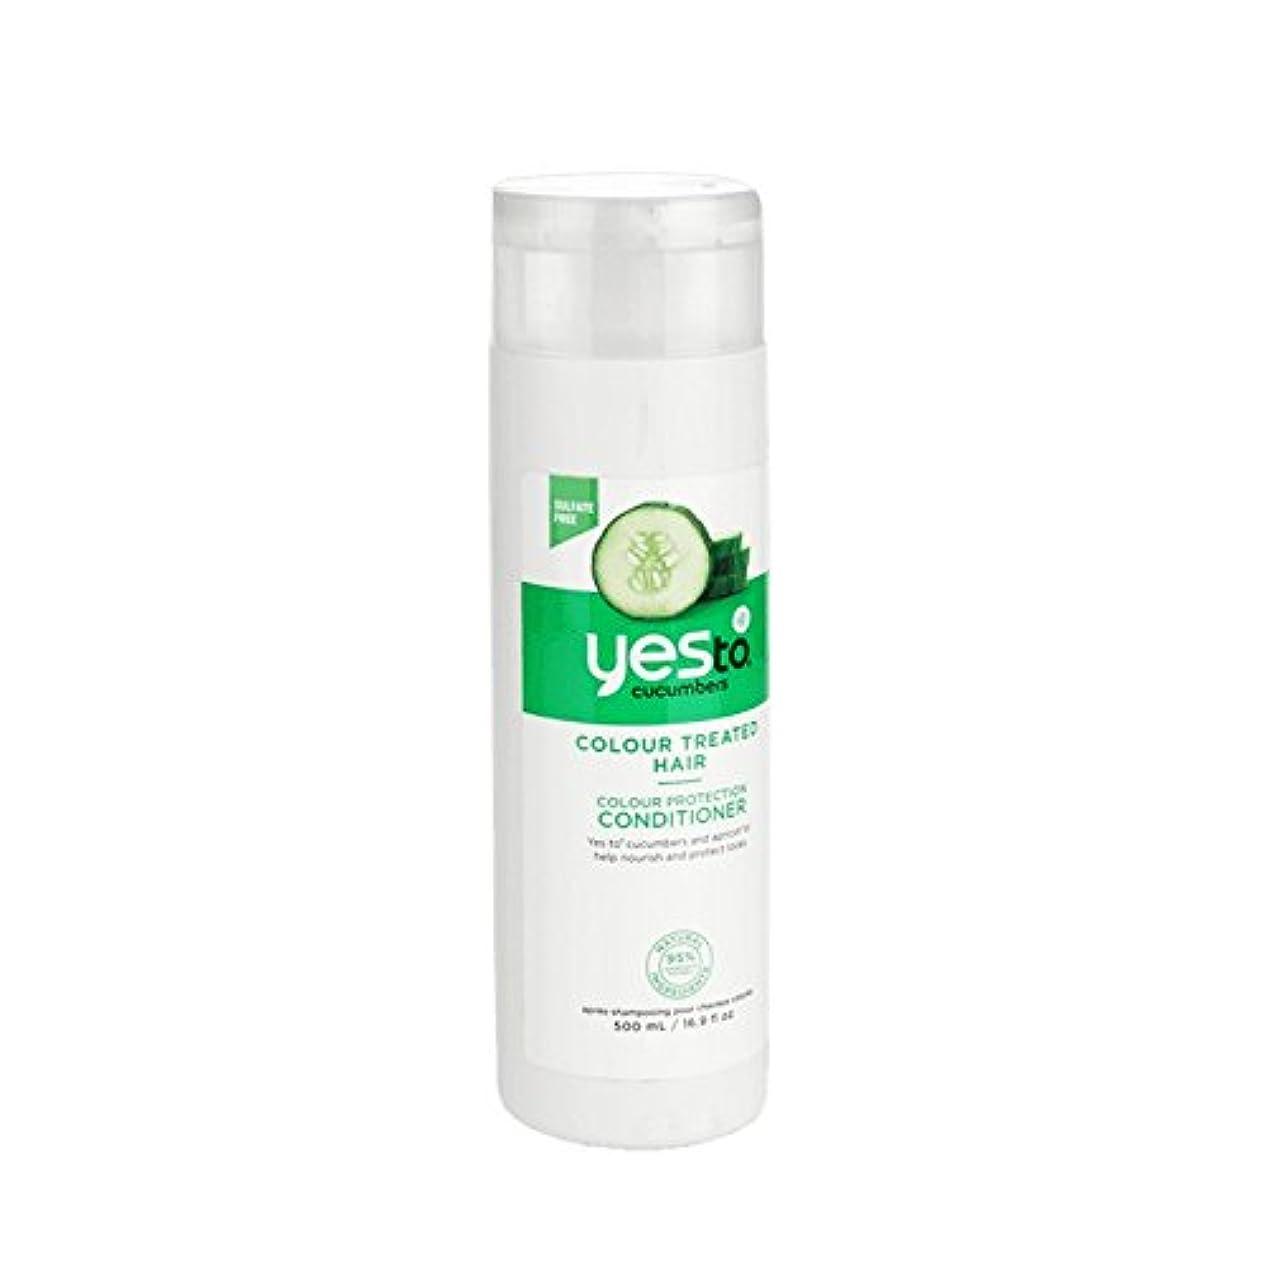 彫刻家鷲ノーブルはいキュウリの色の保護コンディショナー500ミリリットルへ - Yes To Cucumbers Colour Protection Conditioner 500ml (Yes To) [並行輸入品]